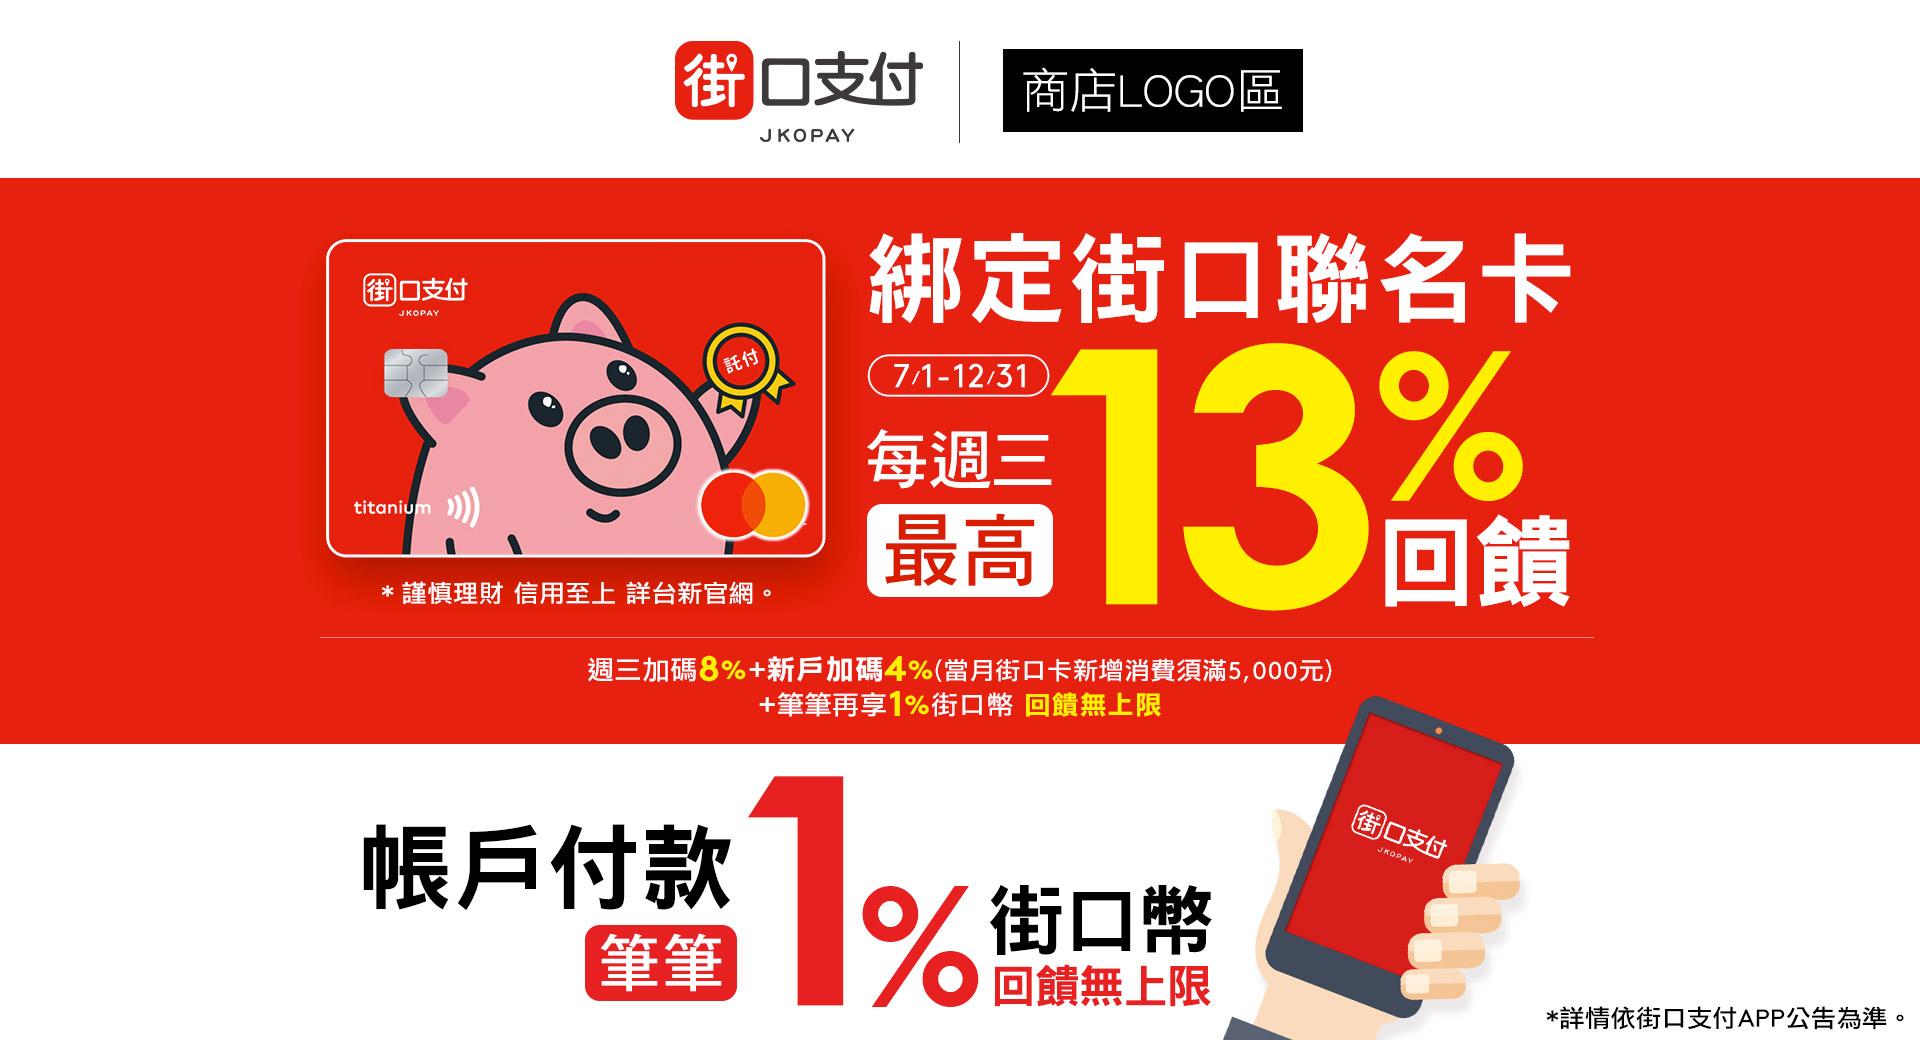 綁定街口聯名卡享最高13%回饋